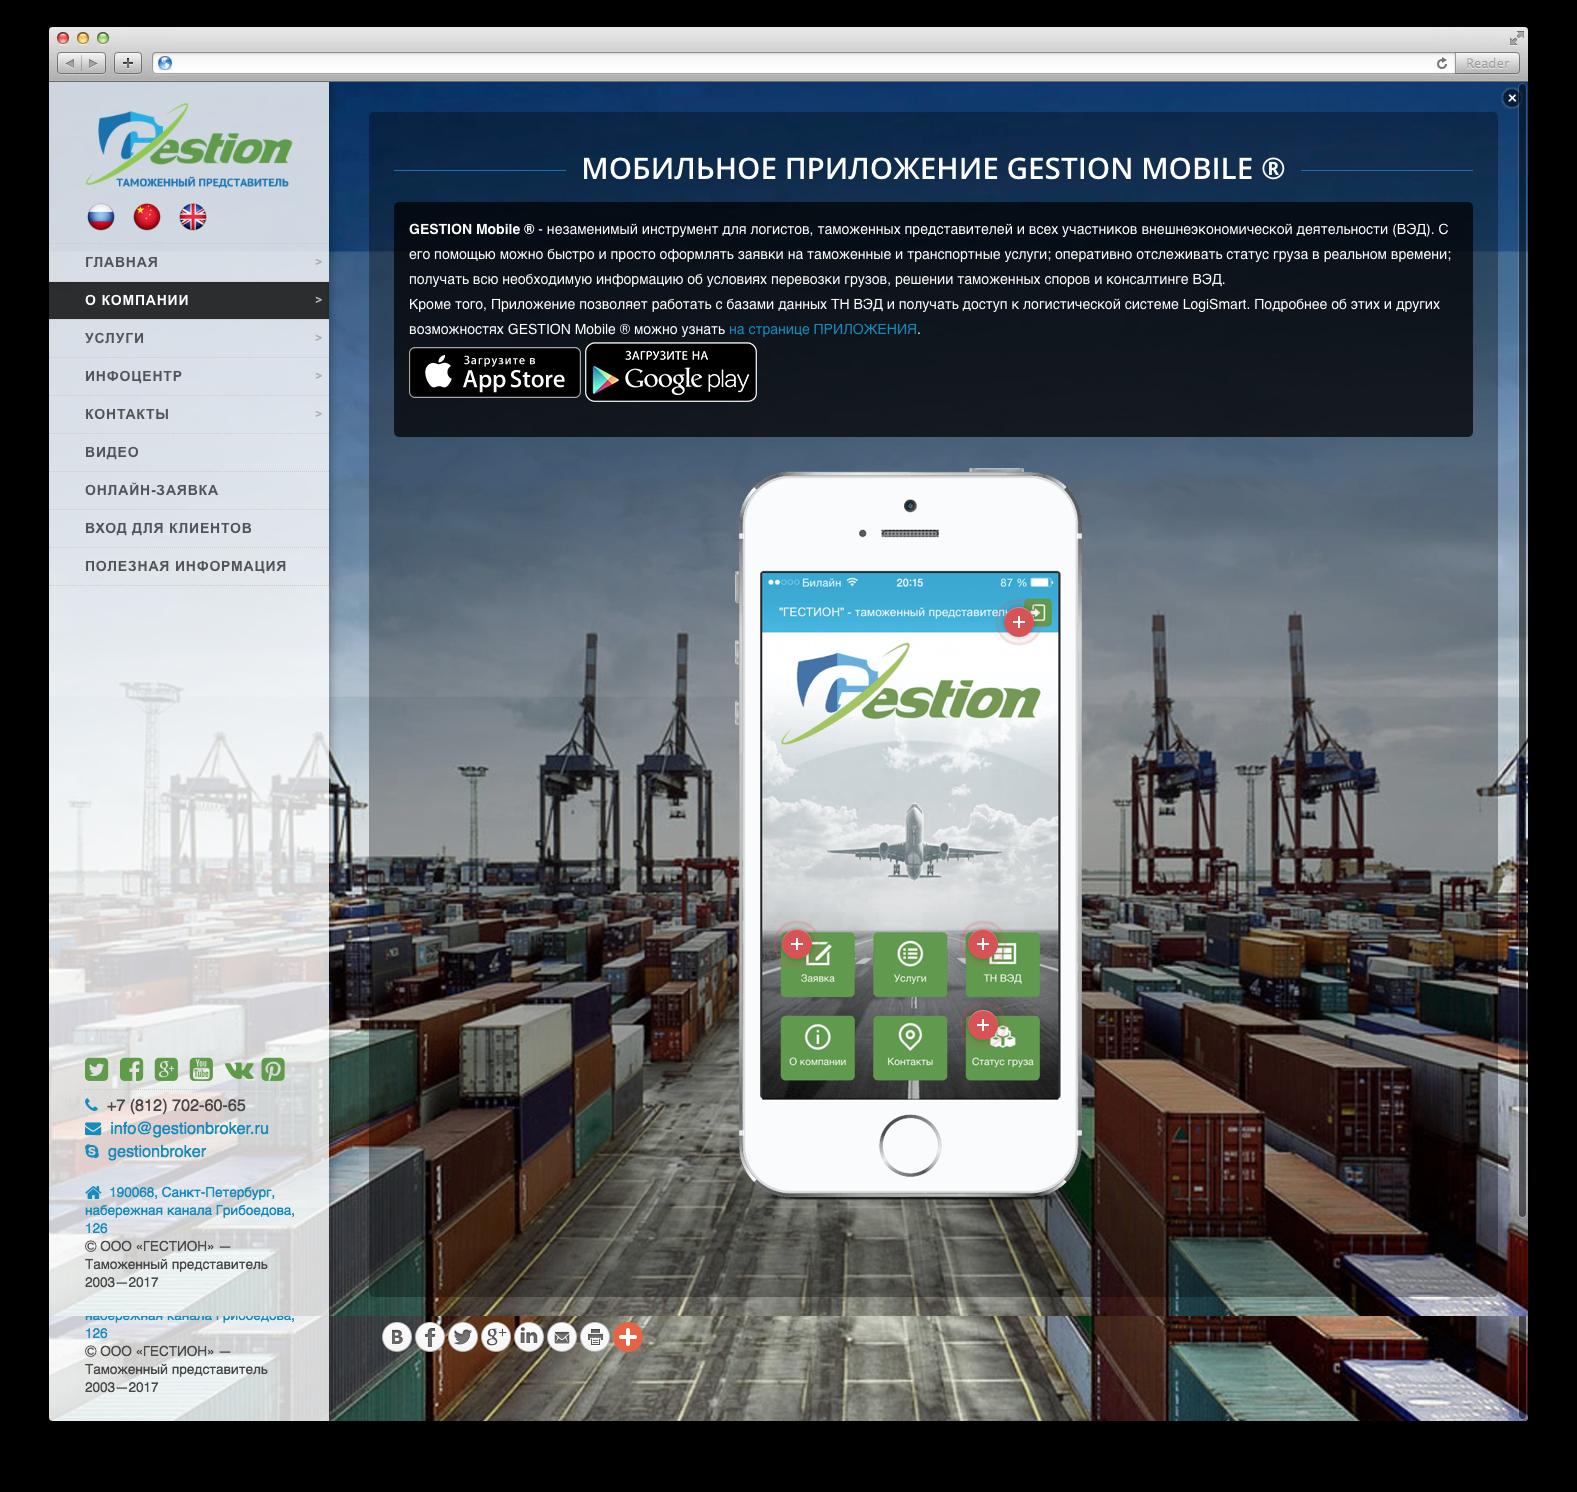 Презентация мобильного приложения с интерактивными элементами